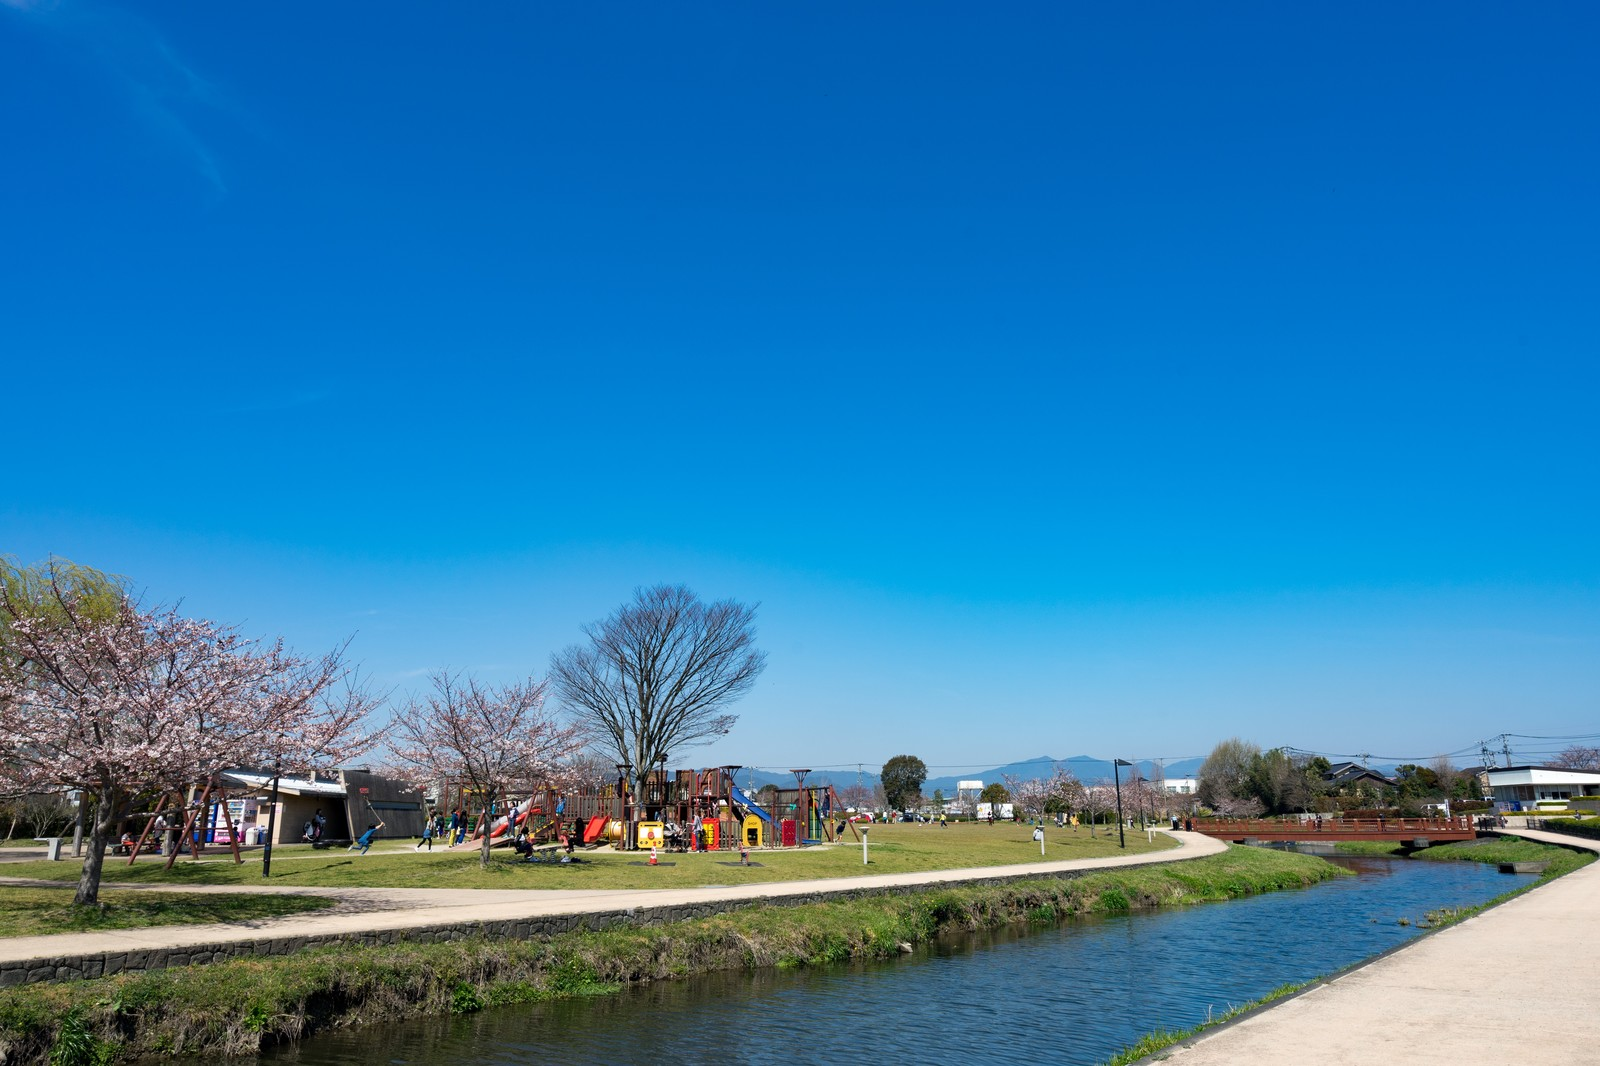 「大刀洗公園の春大刀洗公園の春」のフリー写真素材を拡大